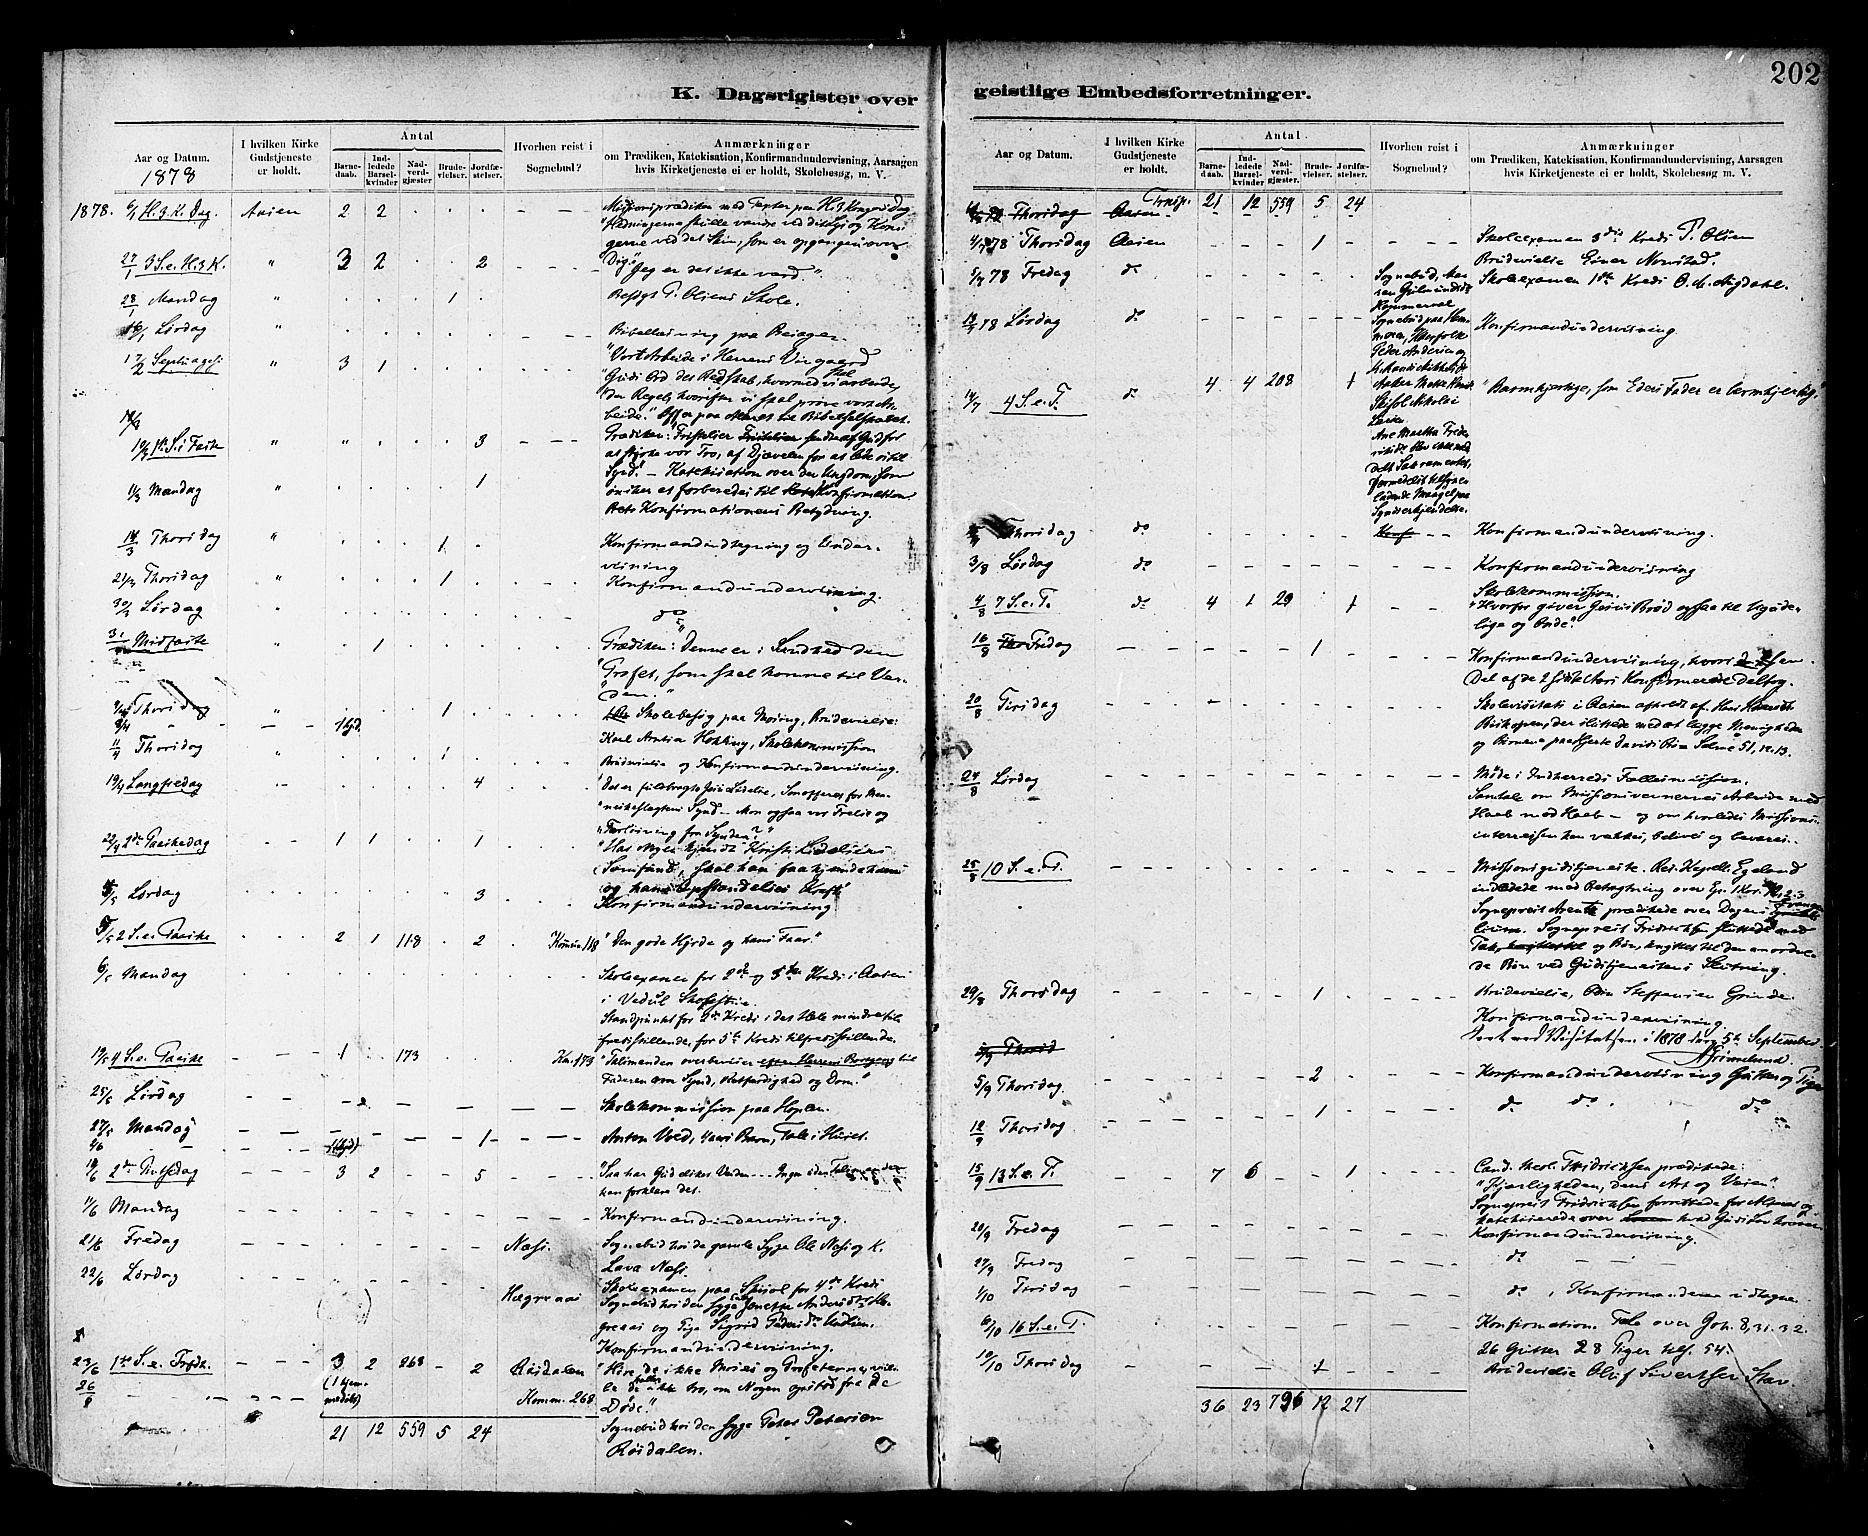 SAT, Ministerialprotokoller, klokkerbøker og fødselsregistre - Nord-Trøndelag, 714/L0130: Ministerialbok nr. 714A01, 1878-1895, s. 202